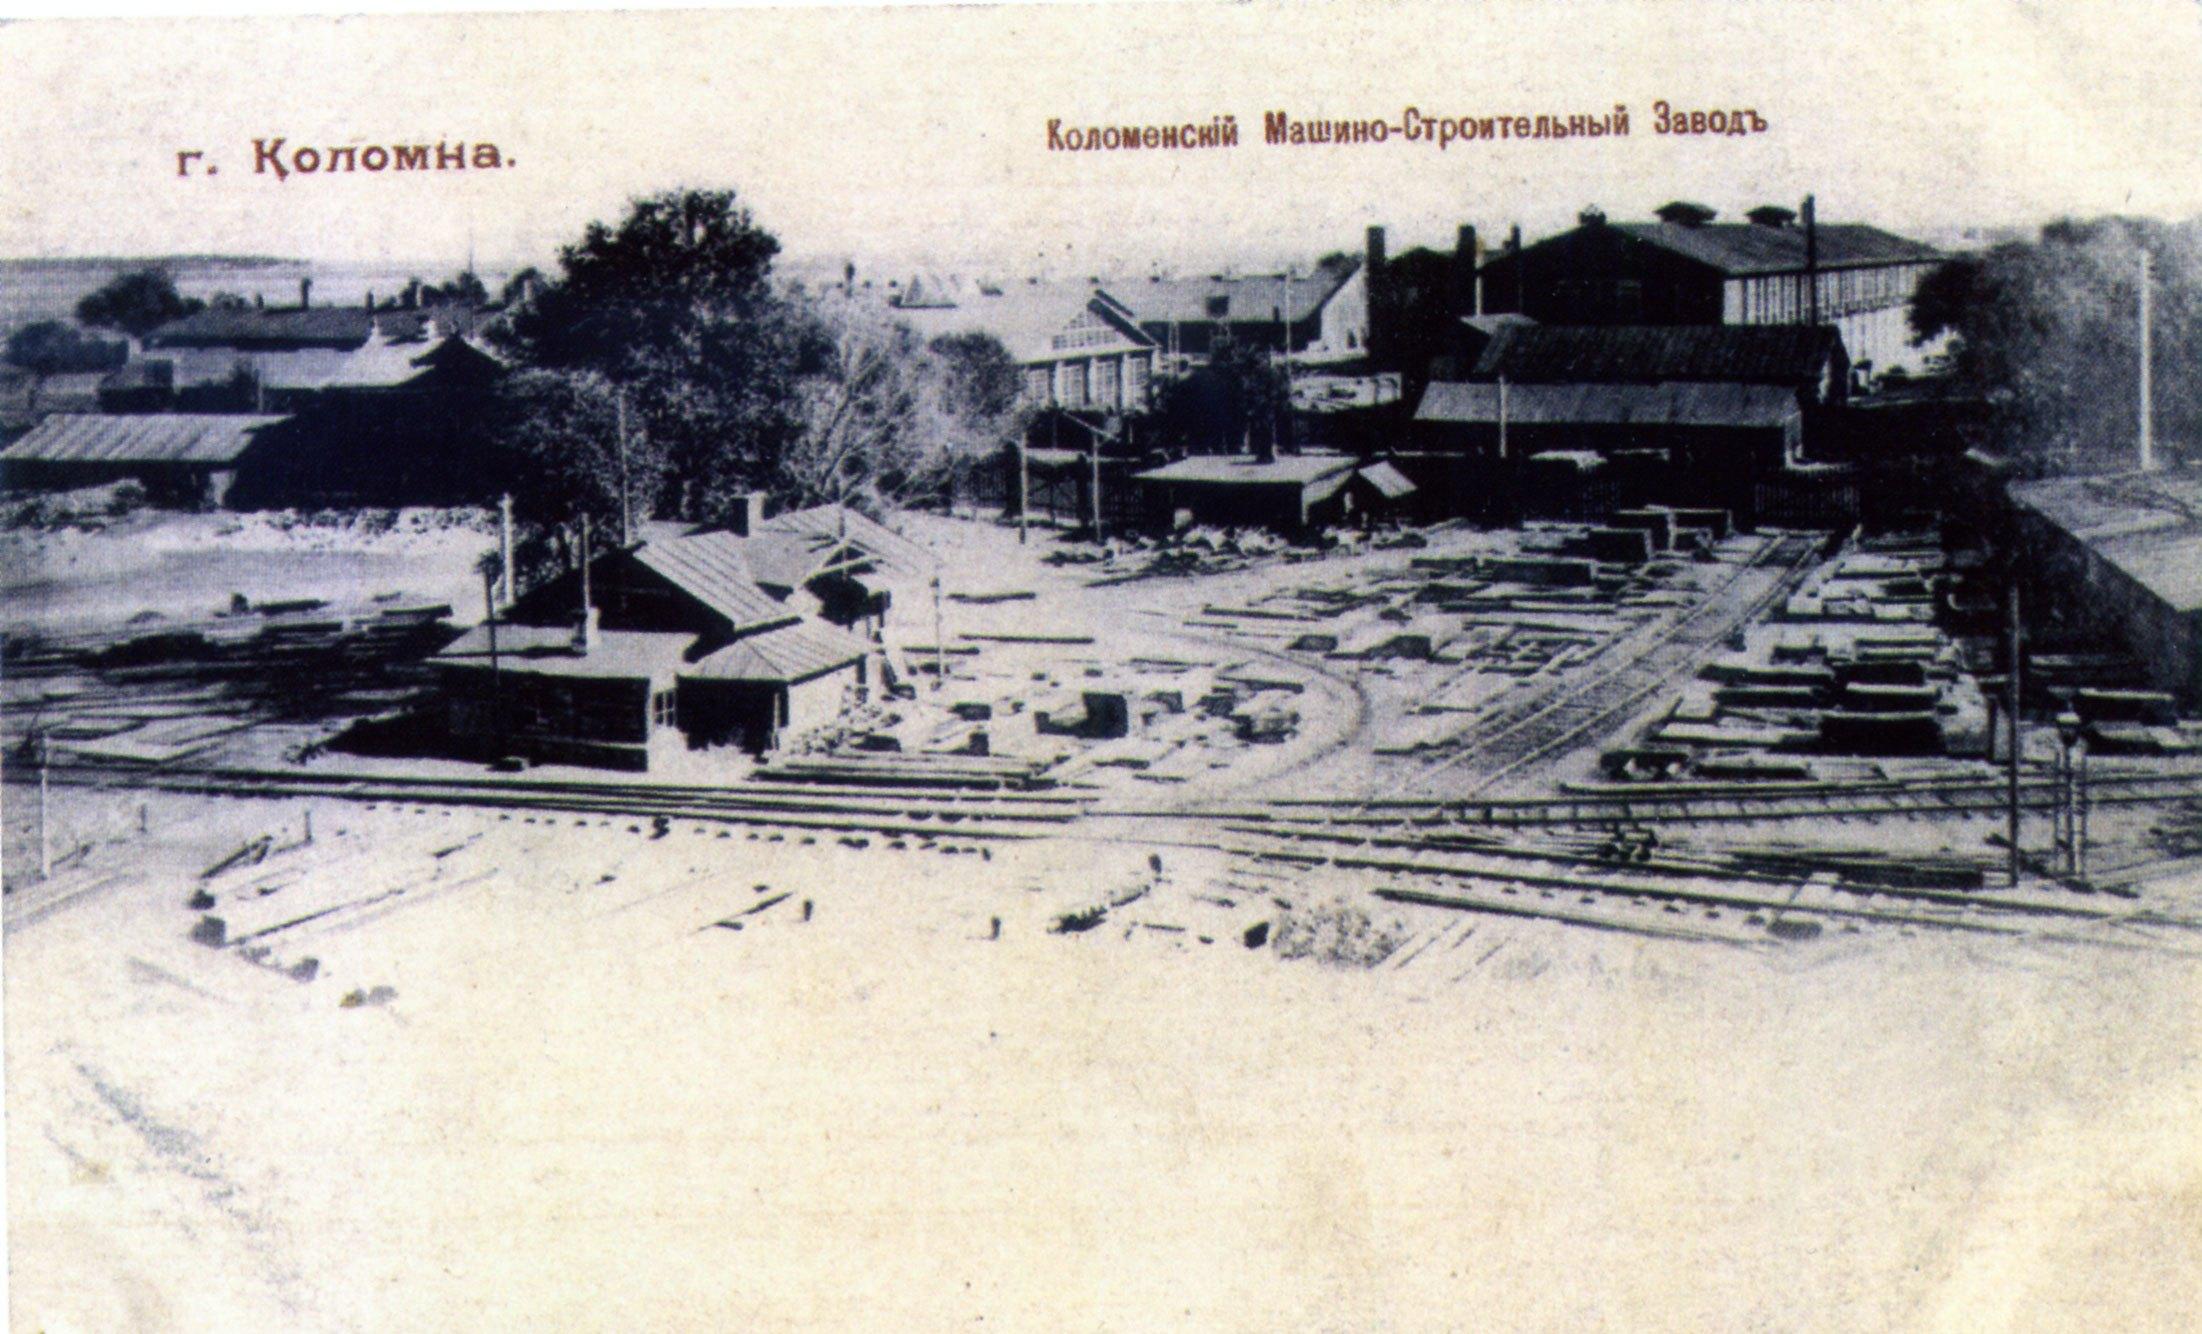 Коломенский машино-строительный завод